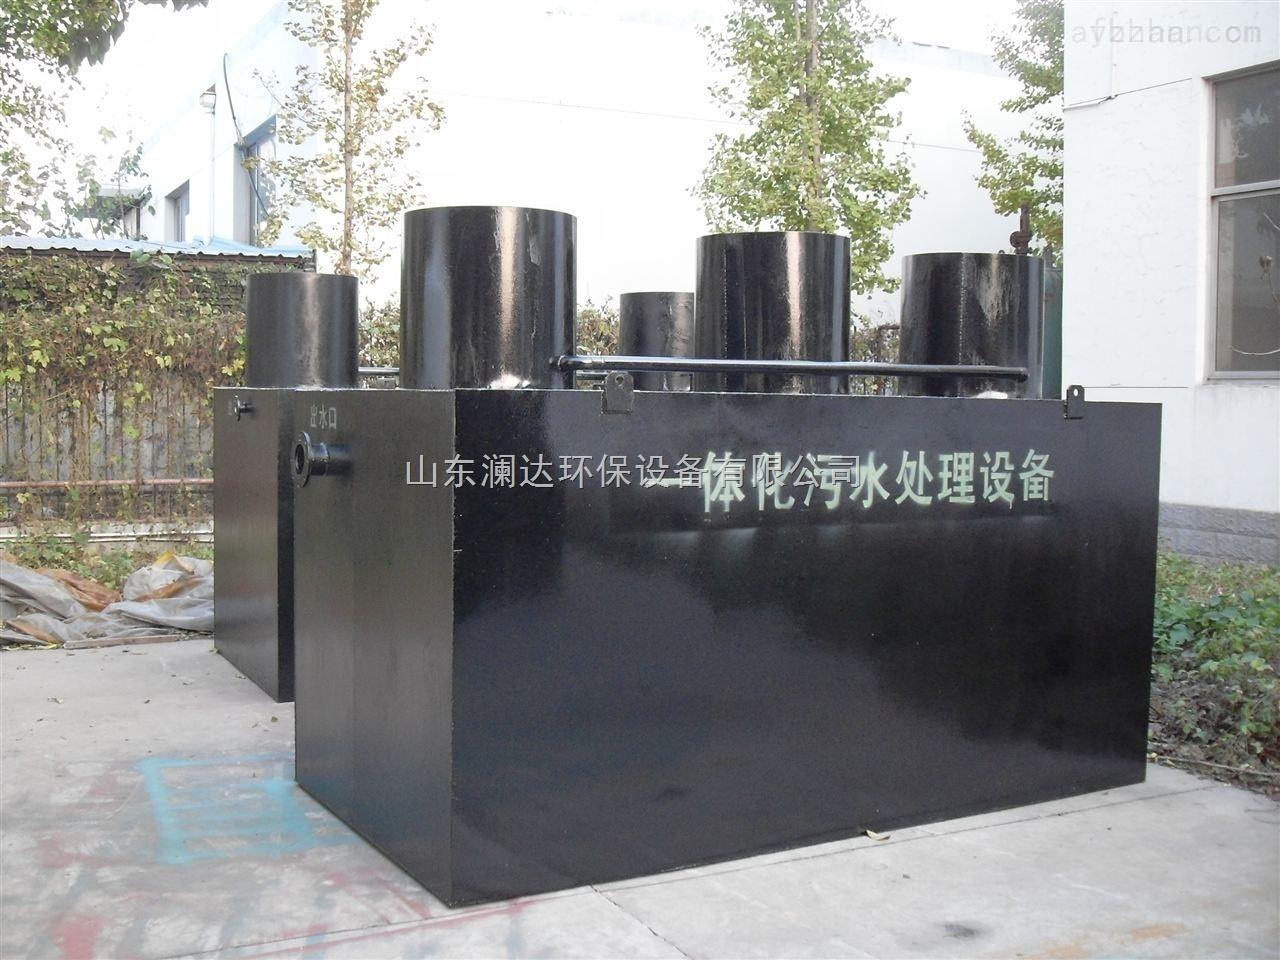 LD-开封市传染病医院污水处理设备操作规章